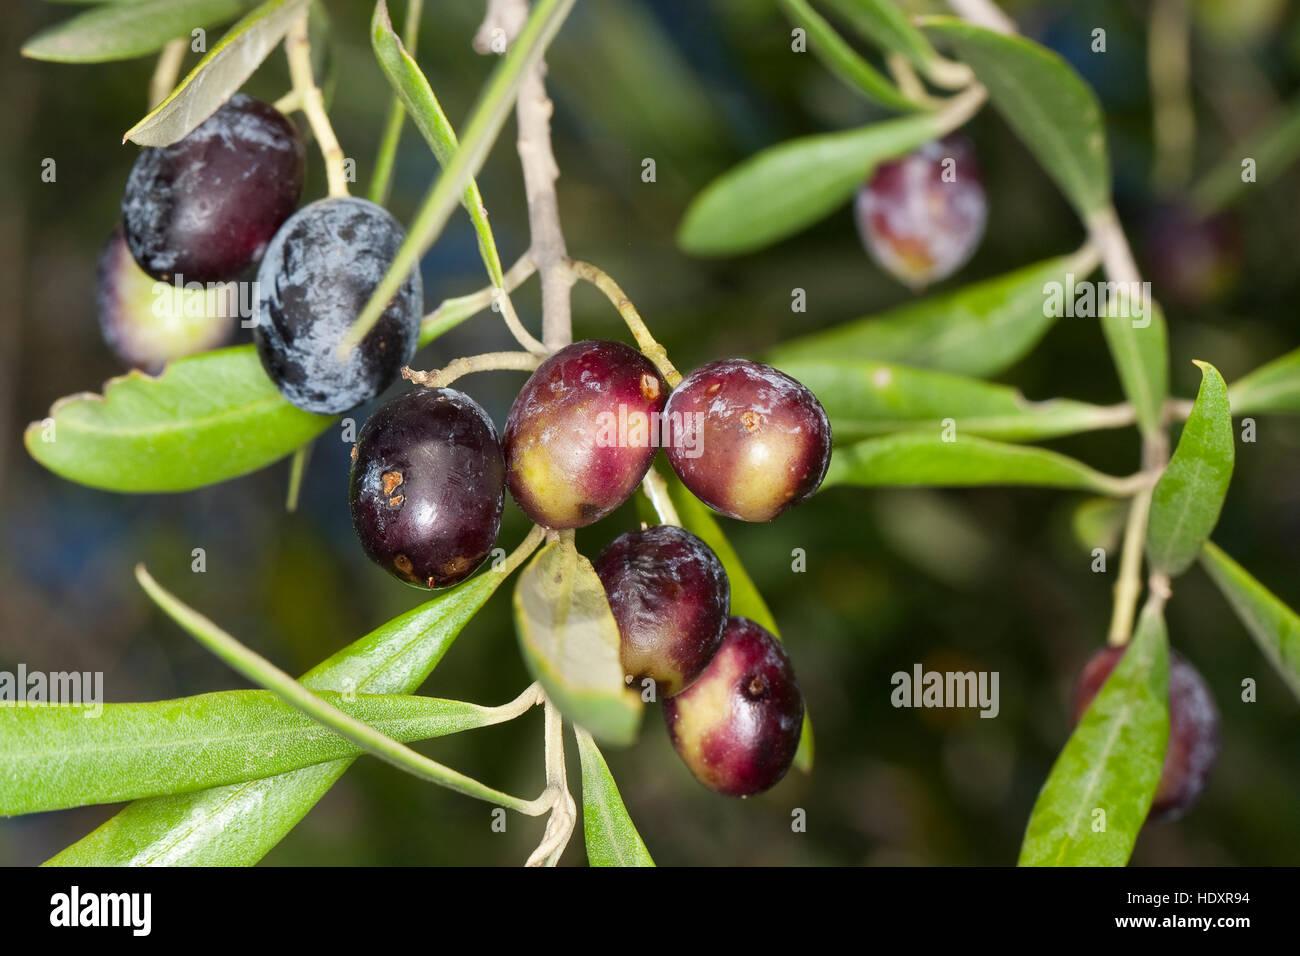 Gemeinsame Echter Ölbaum Stock Photos & Echter Ölbaum Stock Images - Alamy #NA_52